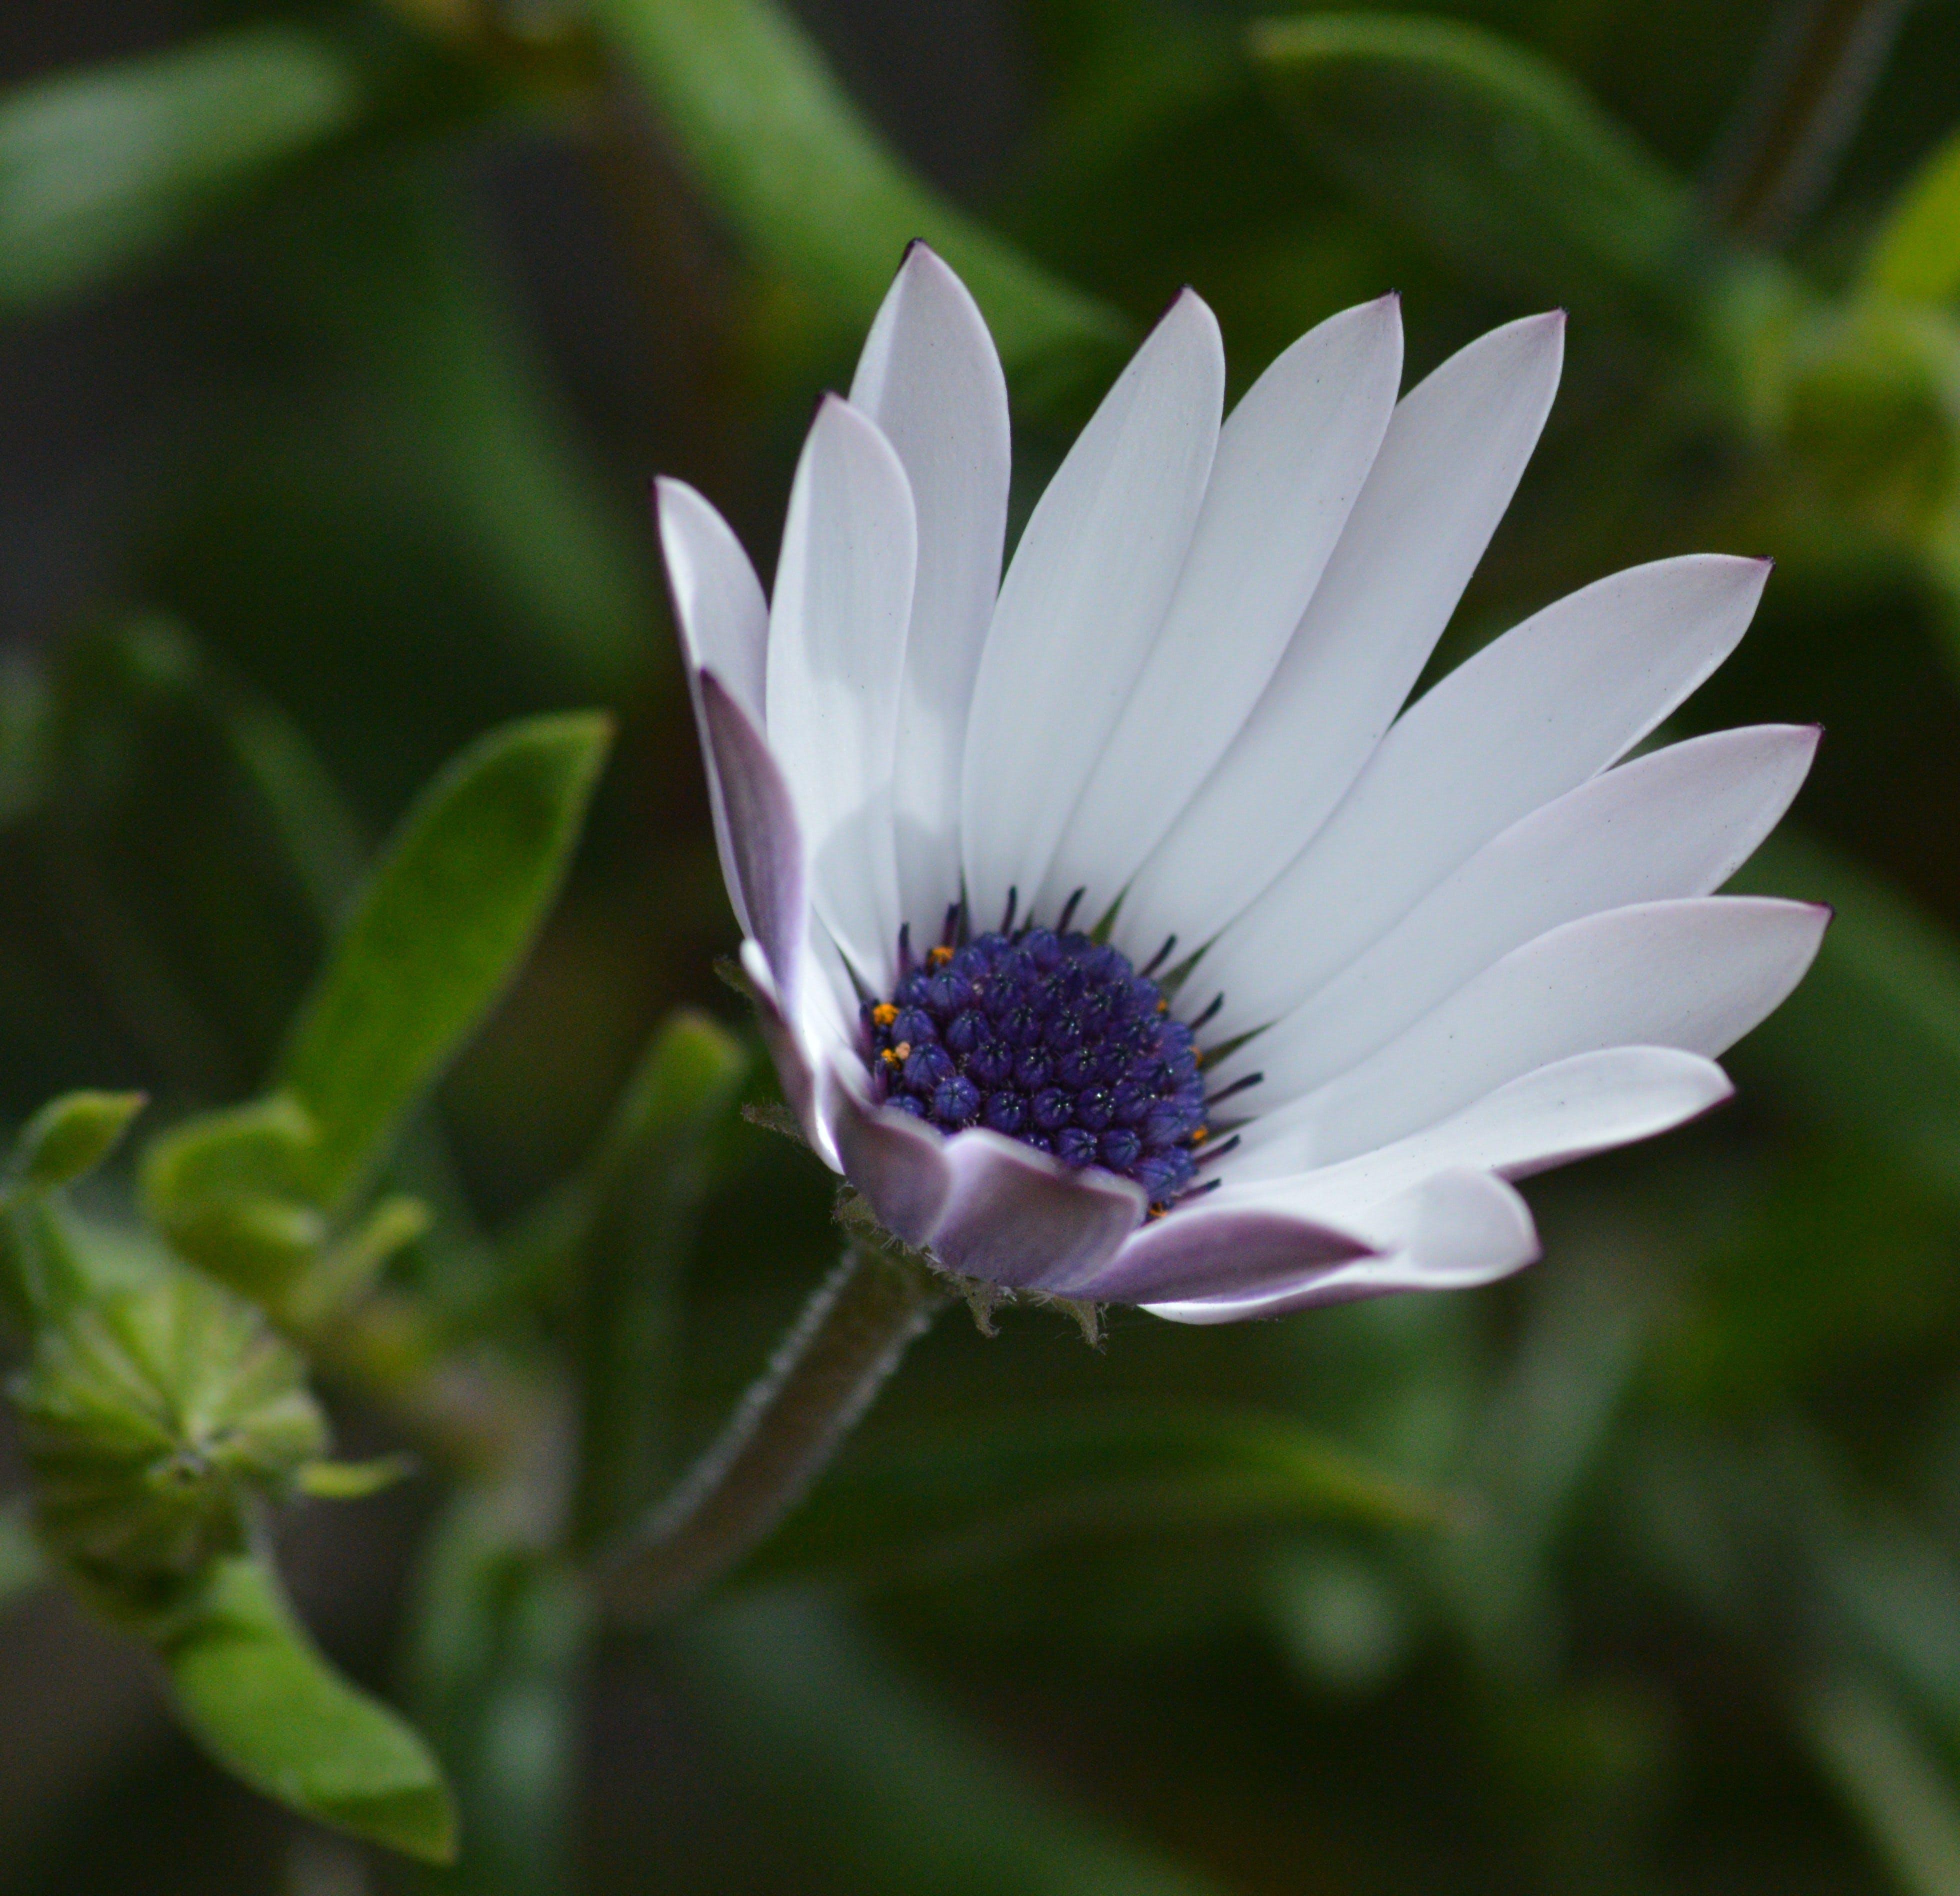 꽃, 꽃봉오리, 꽃잎의 무료 스톡 사진